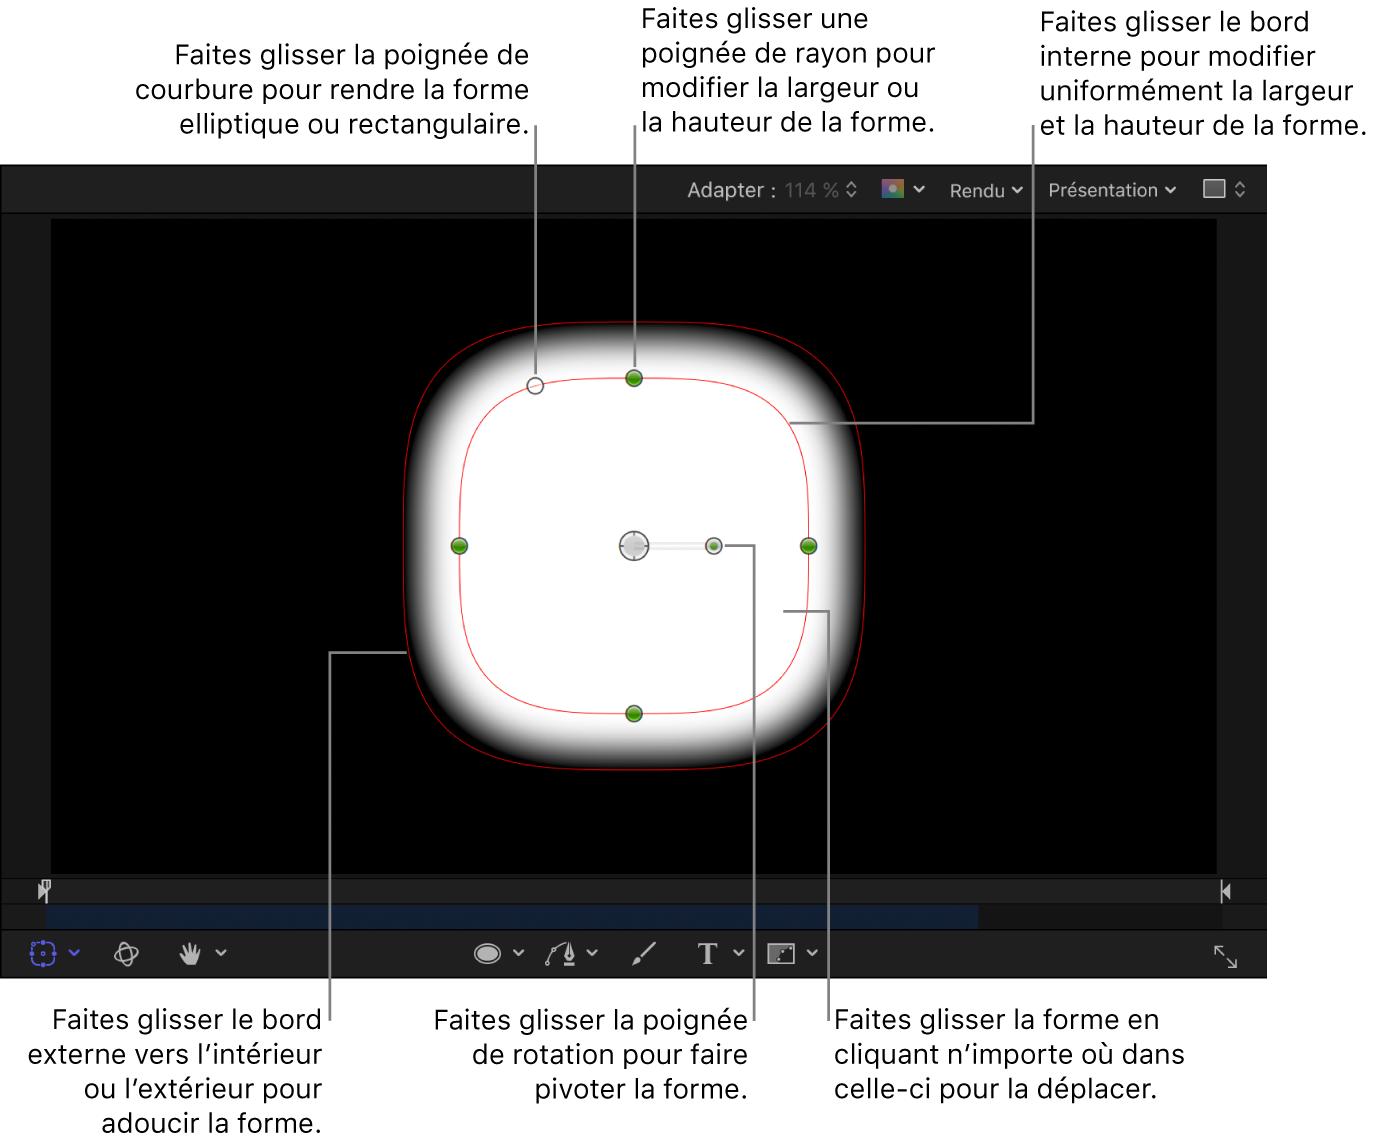 Commandes à l'écran permettant de régler la taille, le contour progressif, la courbure et la rotation d'une forme simple